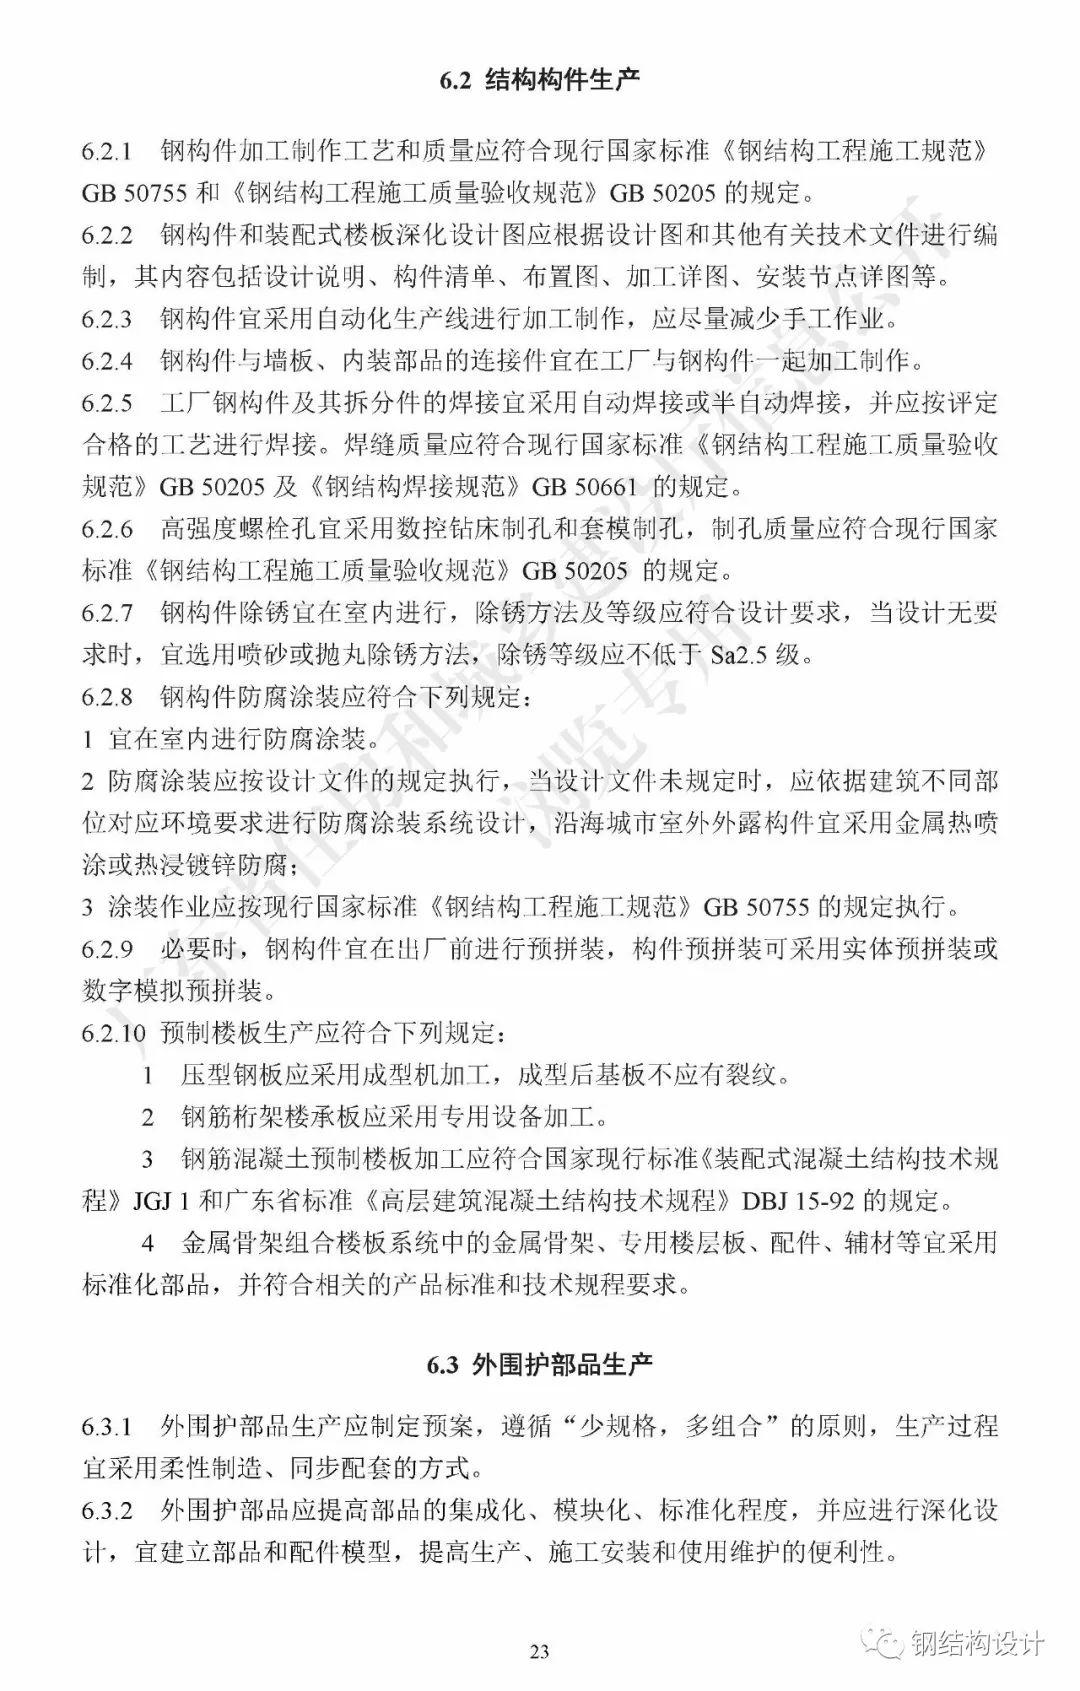 广东省《装配式钢结构建筑技术规程》发布_33